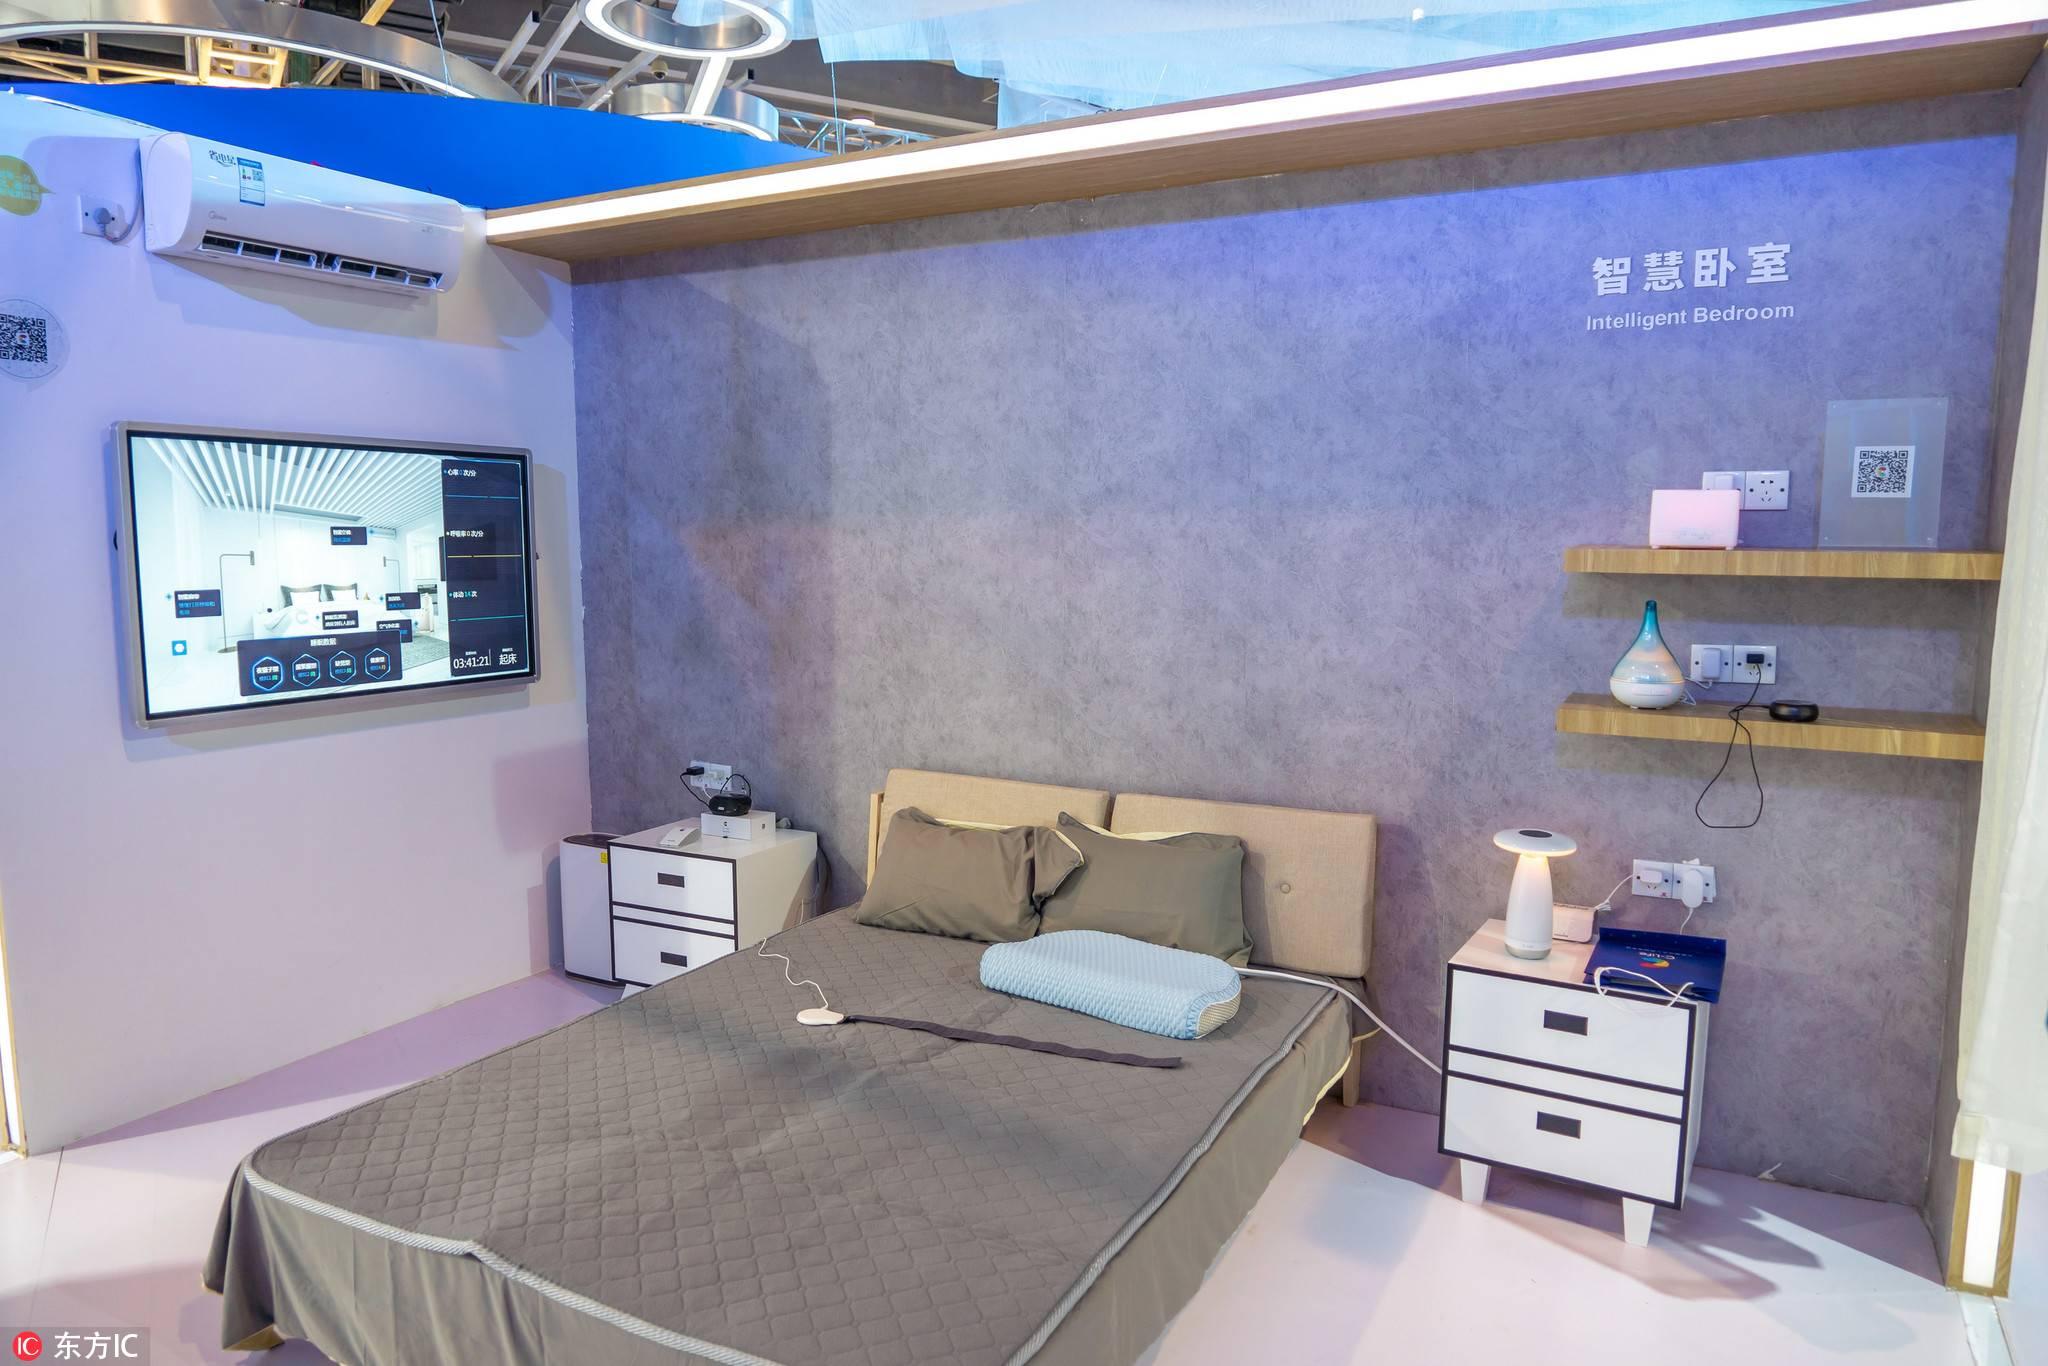 智能硬件-智慧卧室样板间,亿欧智库,智能硬件